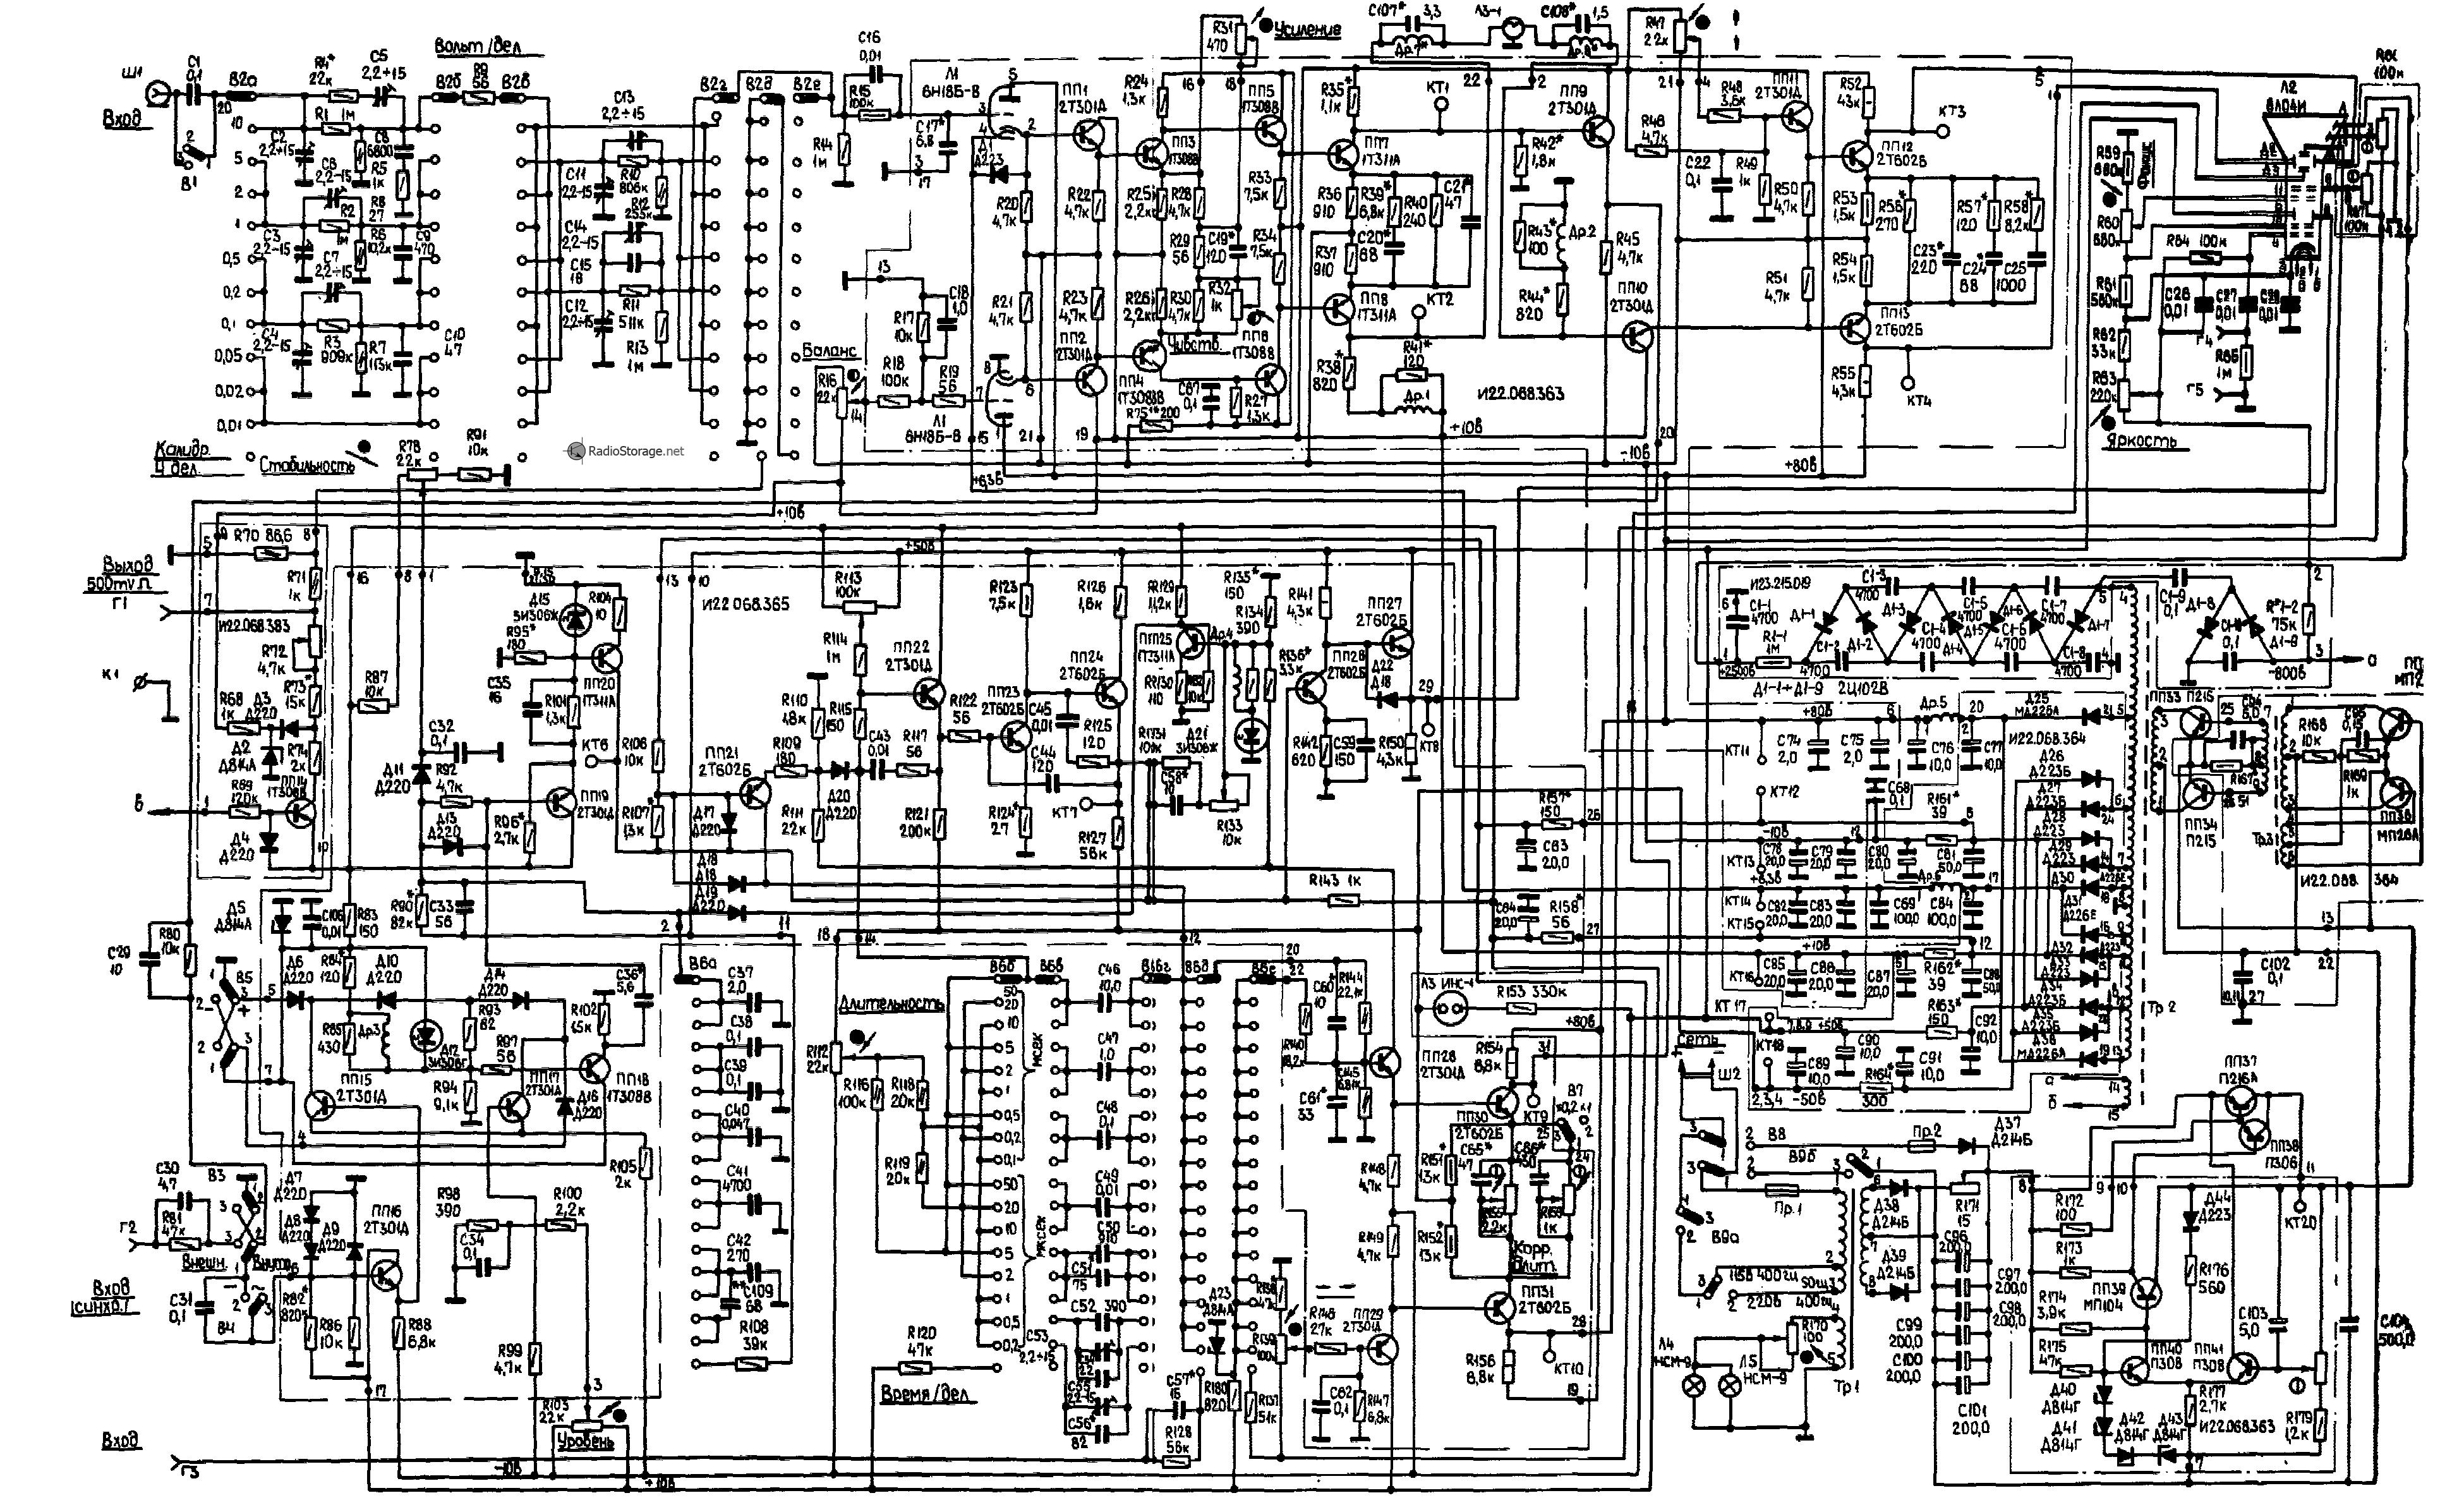 zl 38 электрическая схема